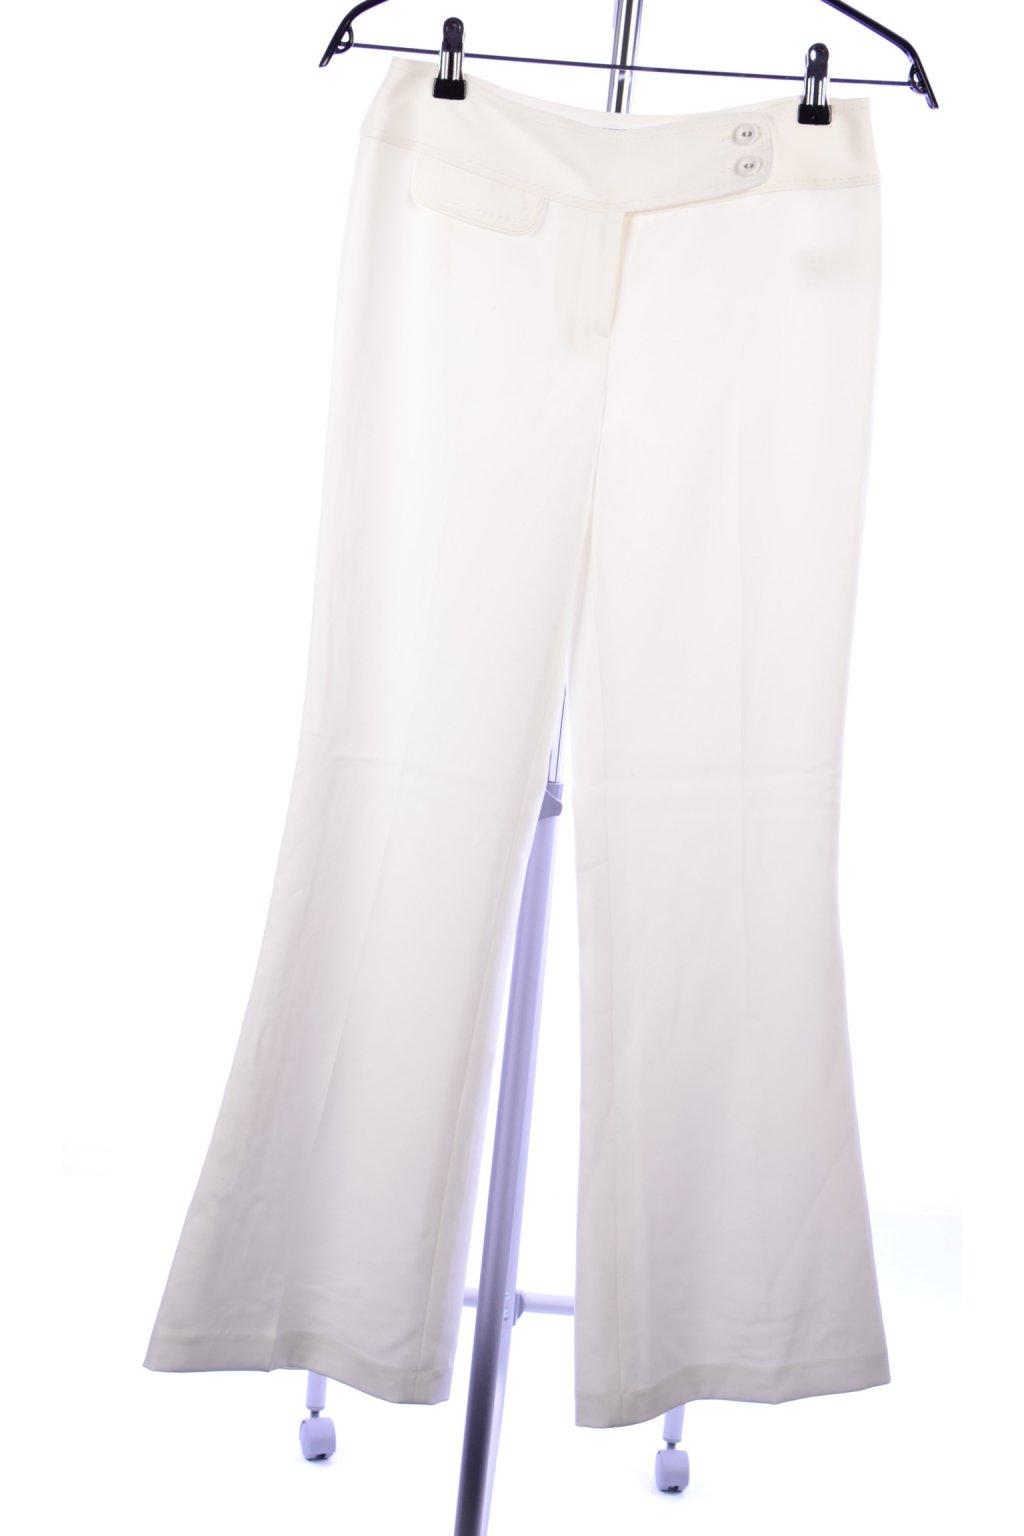 Kalhoty Next petite vel Uk 6/XS -S bílé